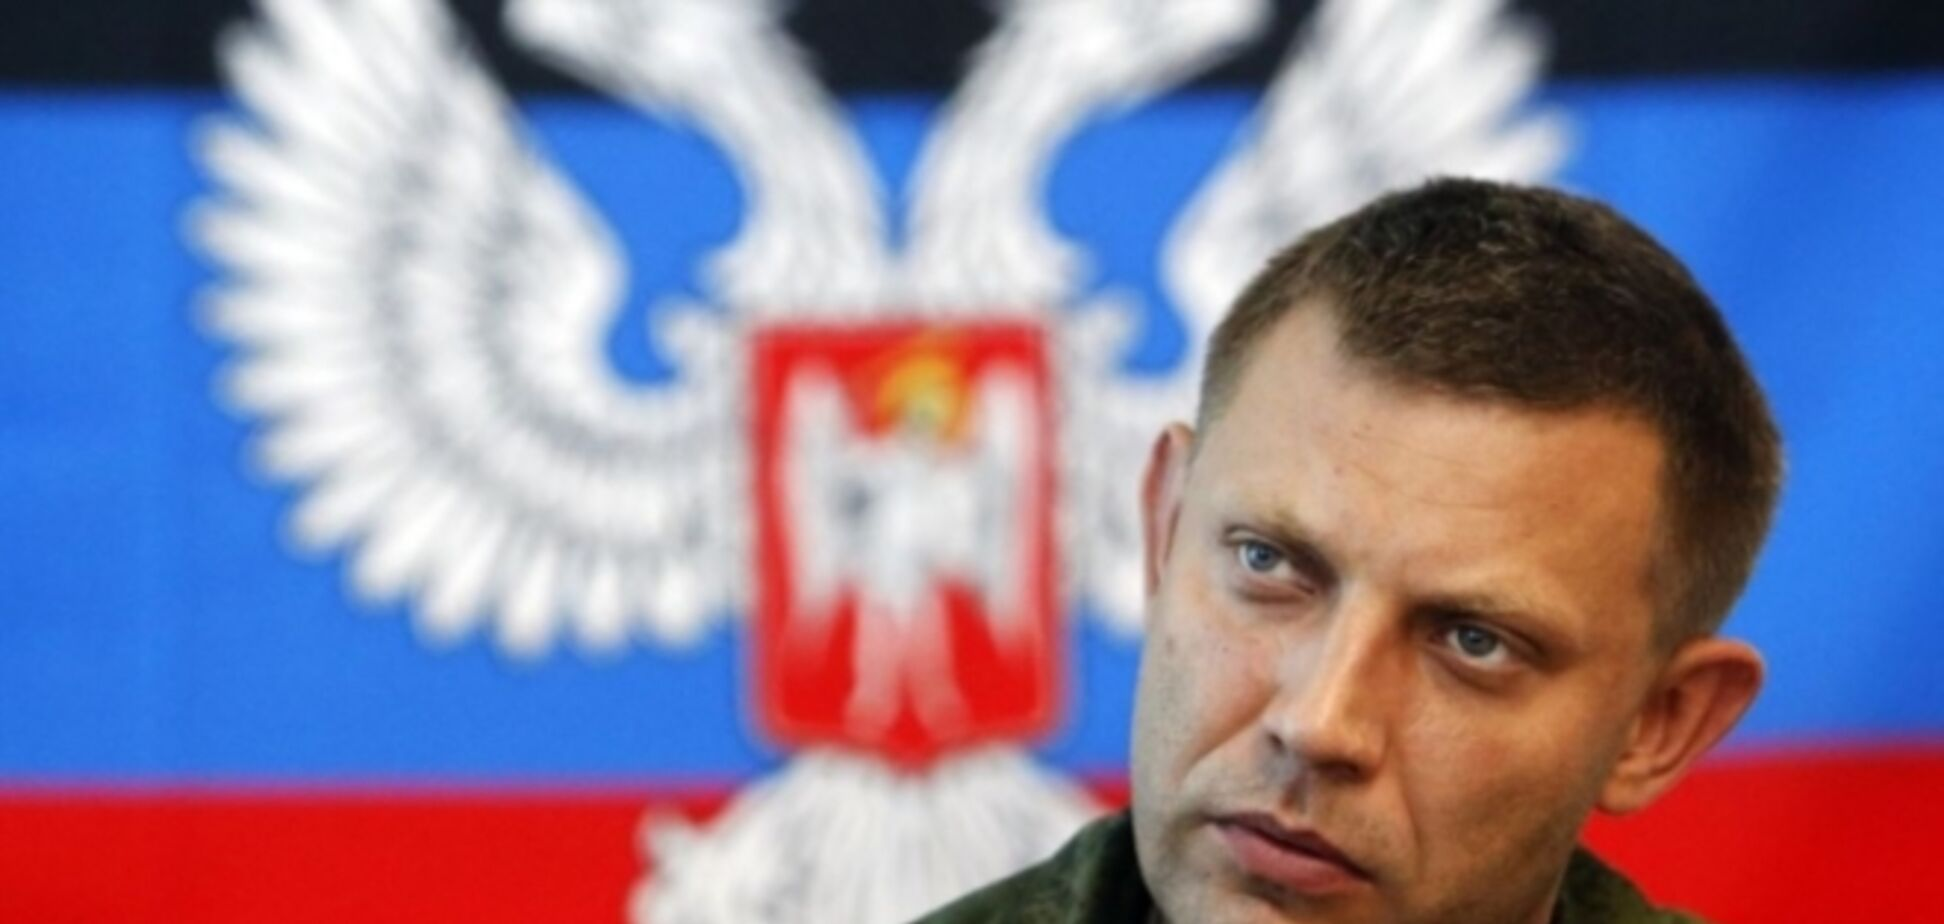 Нехай Україна нам заздрить, ми стали самостійними - терорист Захарченко